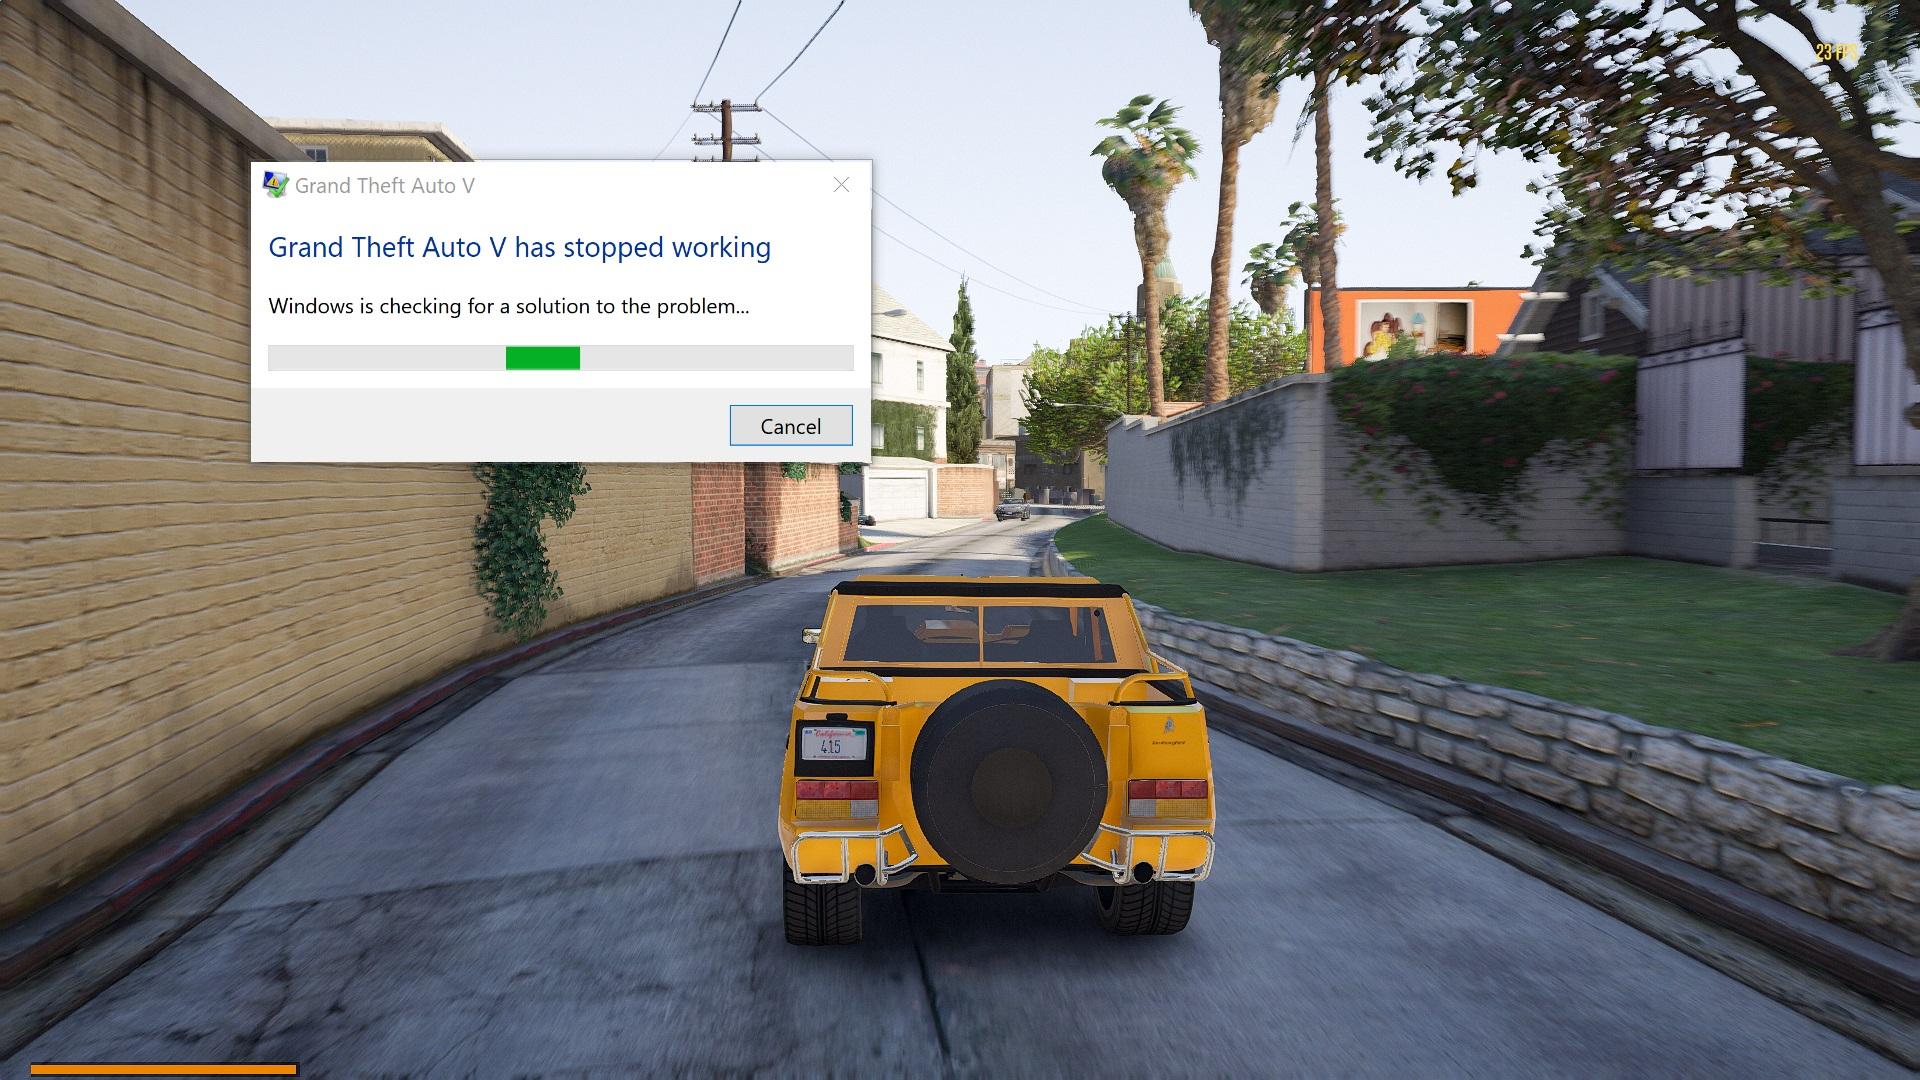 0_1501864653557_Grand Theft Auto V 8_3_2017 8_34_08 PM.jpg